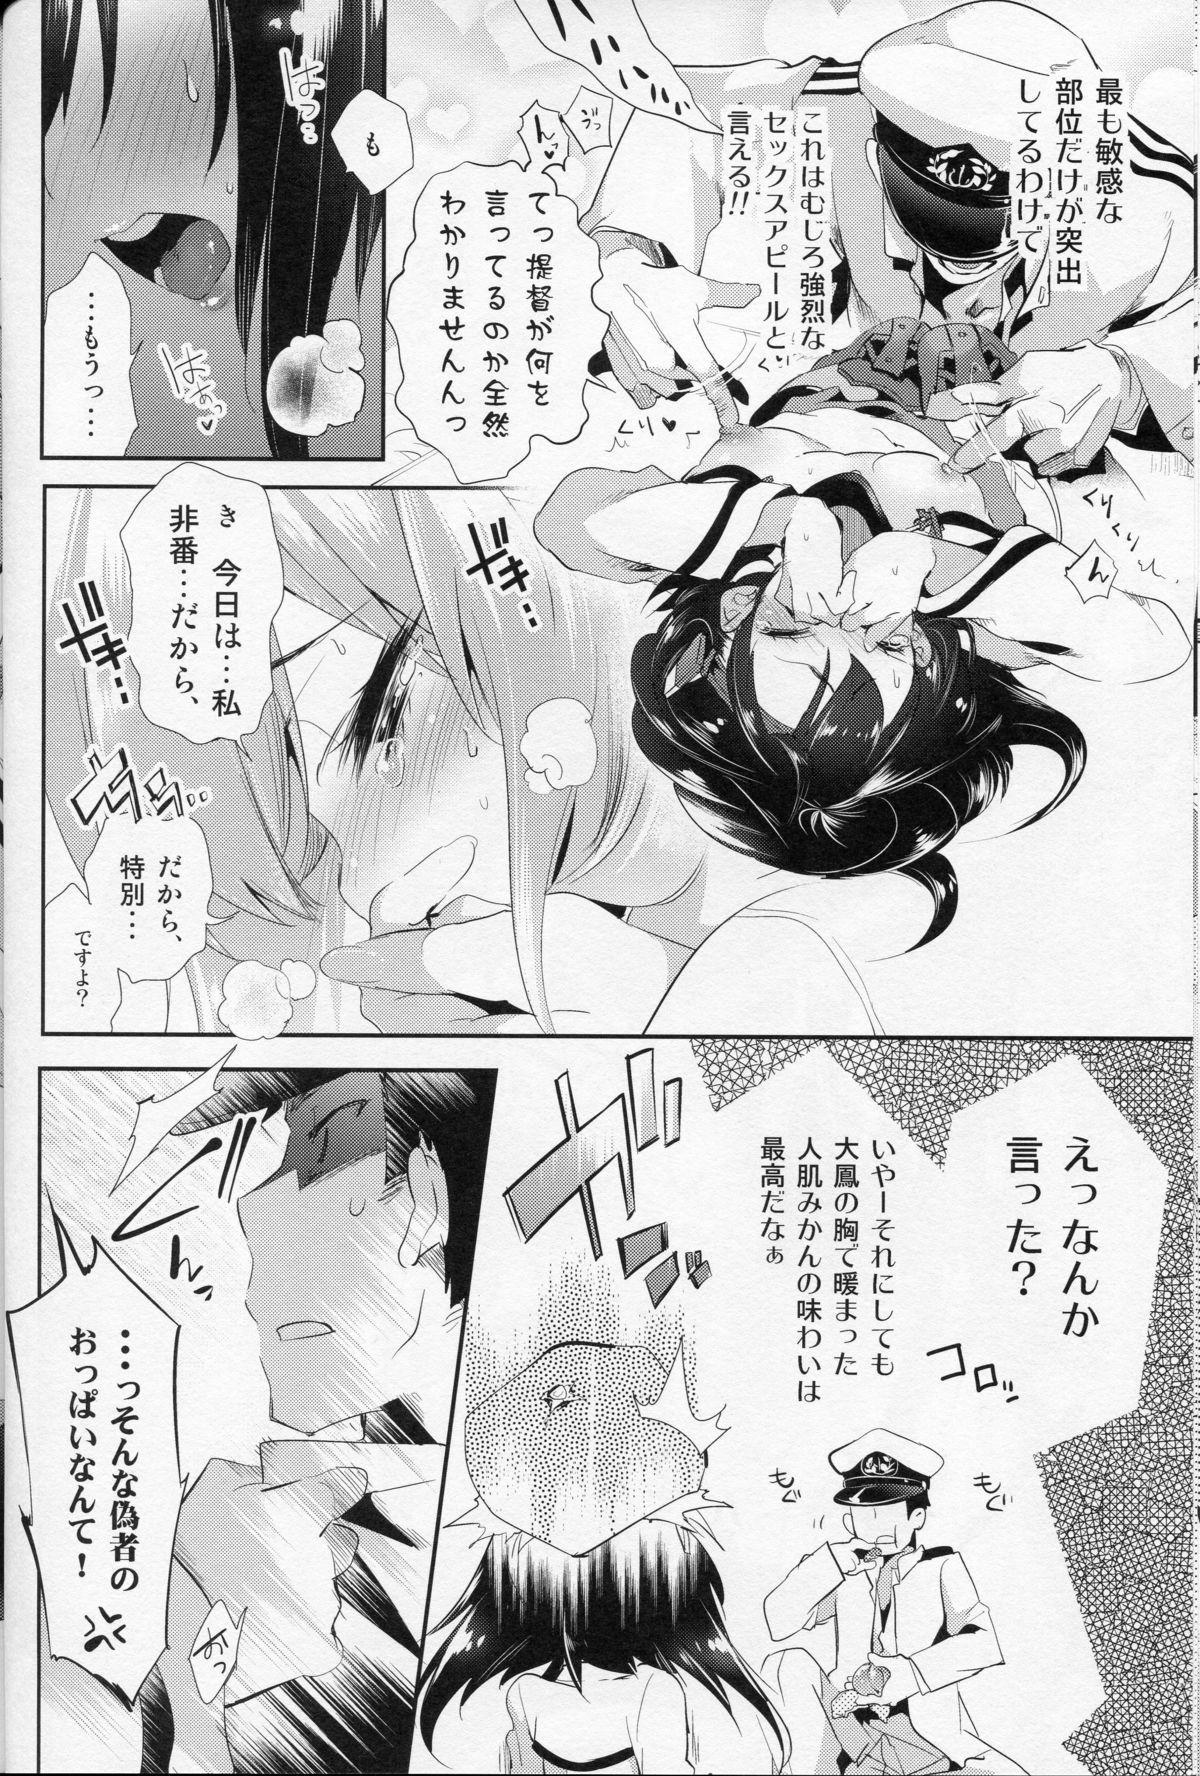 Taihou-chan to Kotatsu Mikan 8